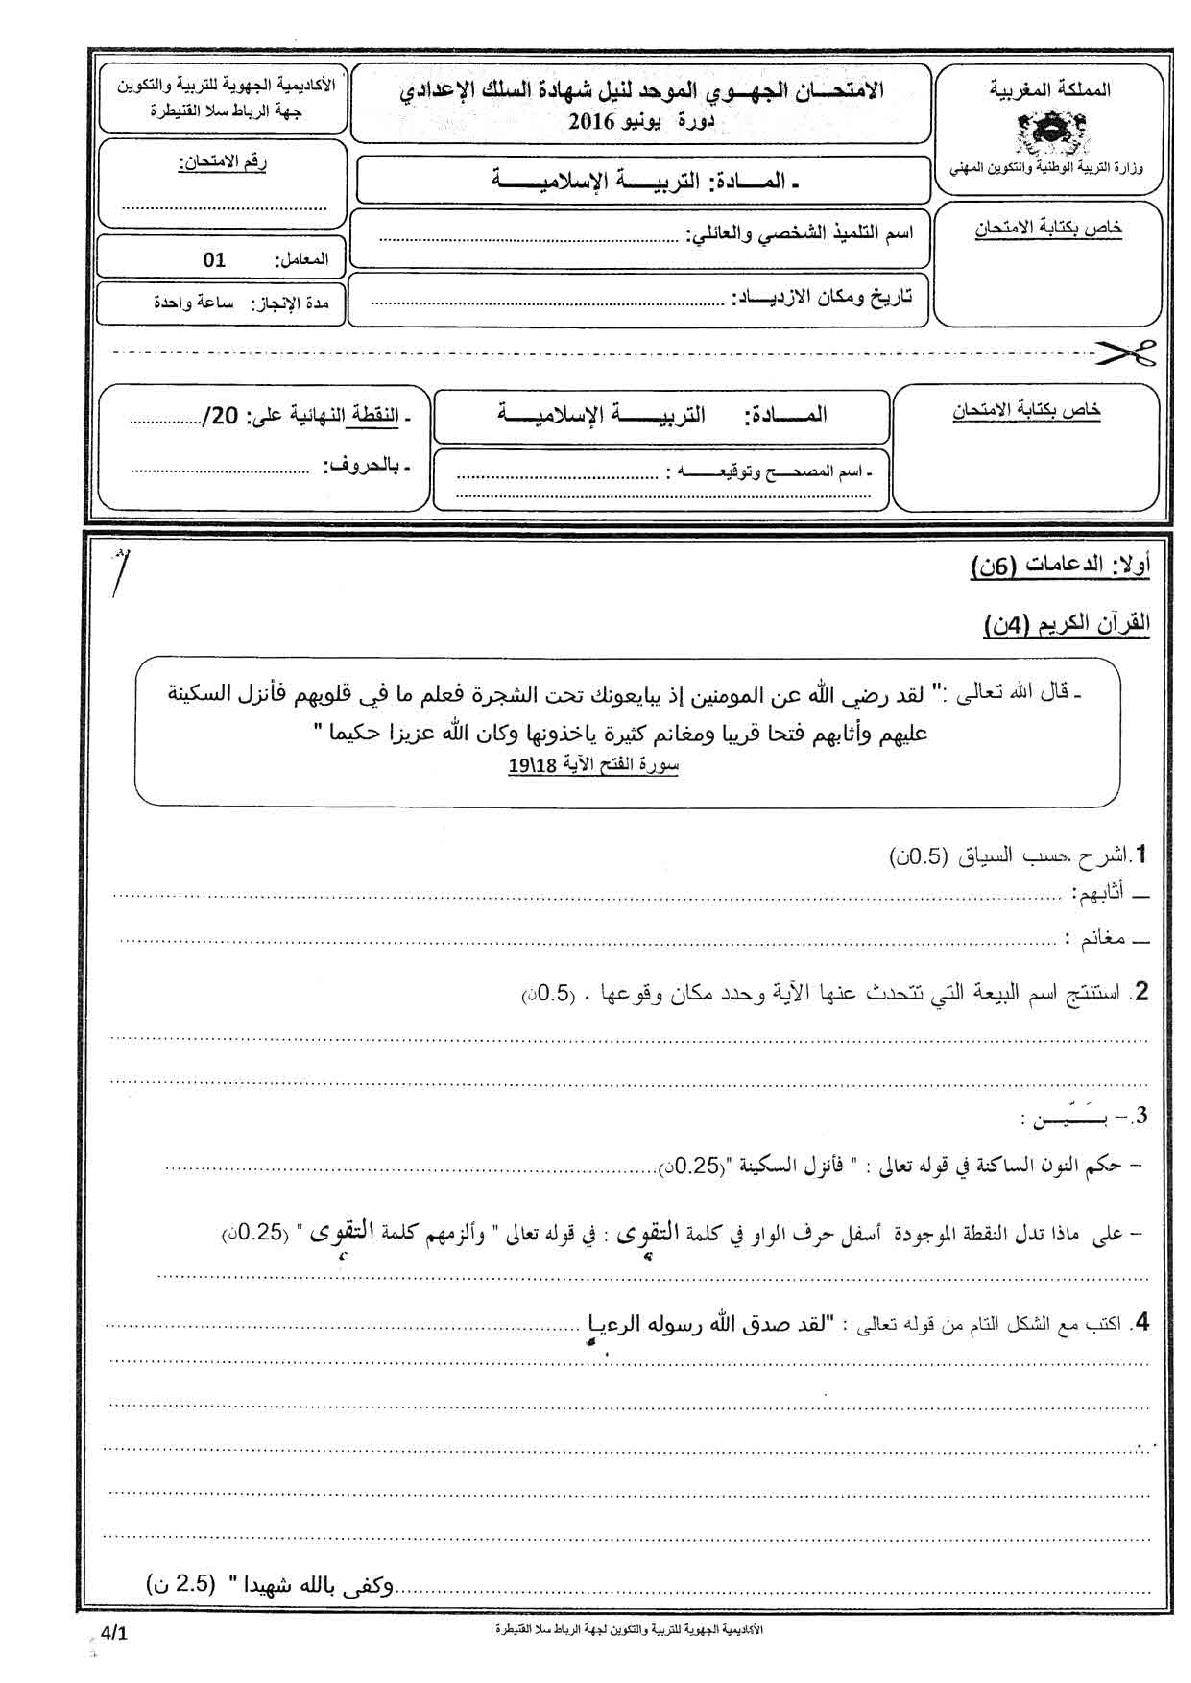 الامتحان الجهوي في التربية الإسلامية الثالثة اعدادي 2016 مع التصحيح